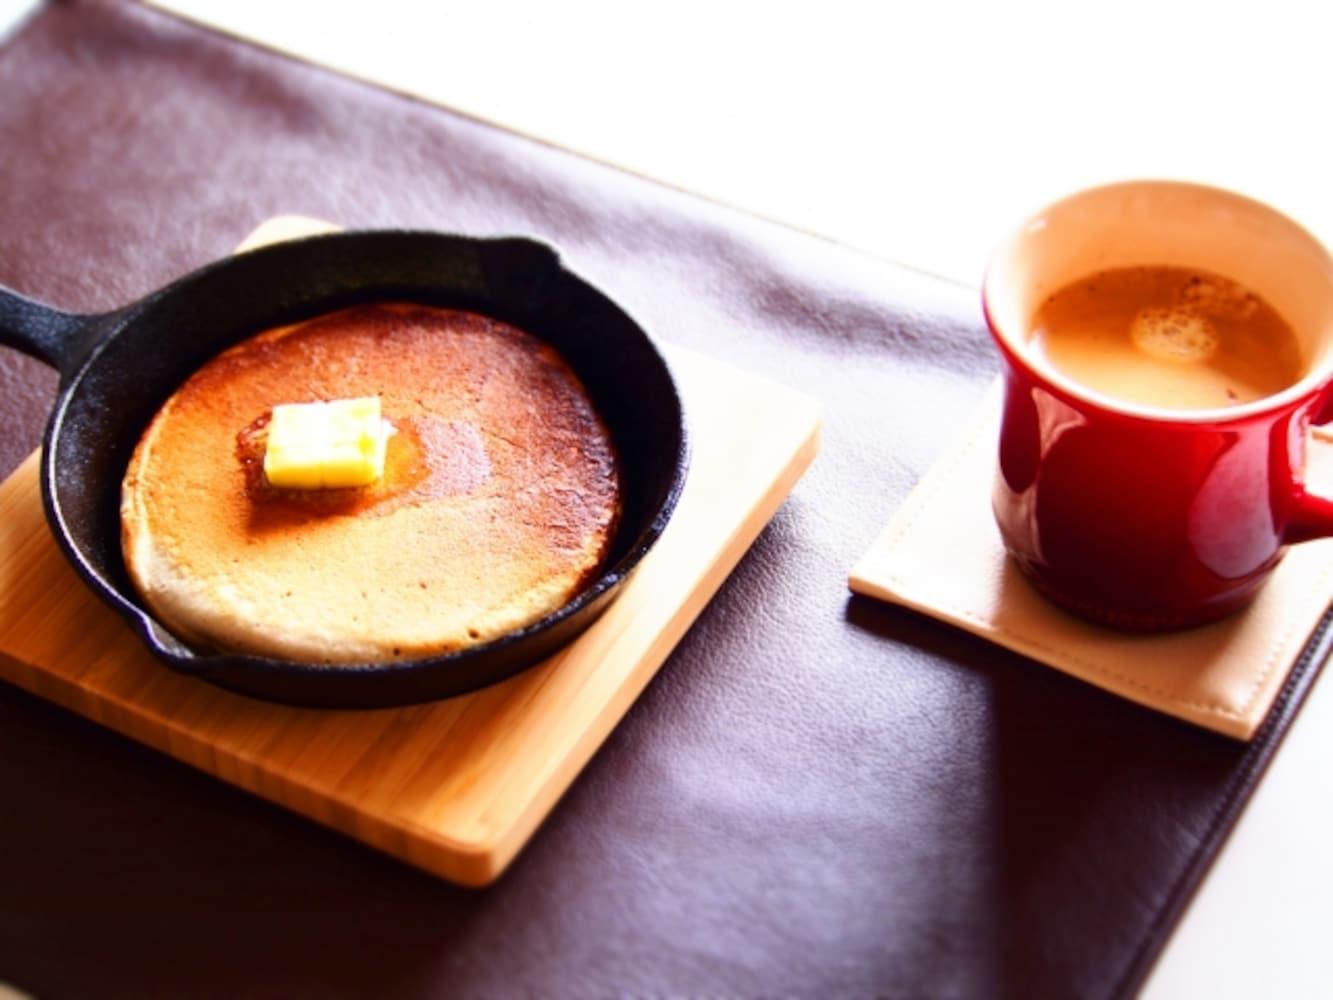 スキレットで焼いたホットケーキ